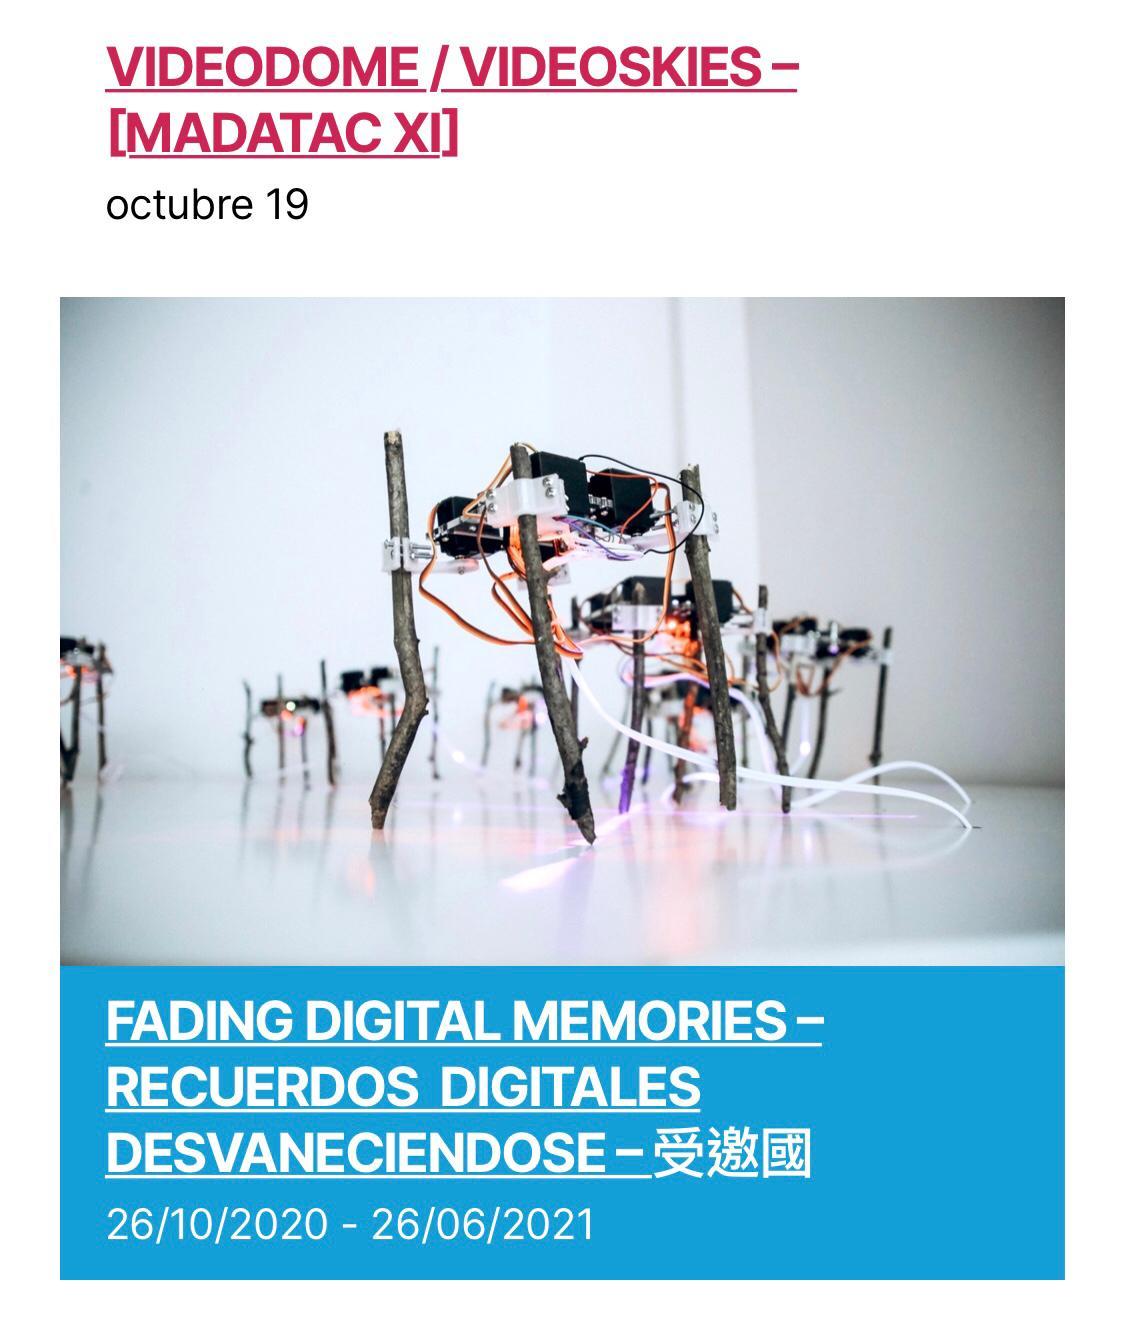 Taiwán, país invitado en la XI edición de MADATAC, presenta la exposición virtual